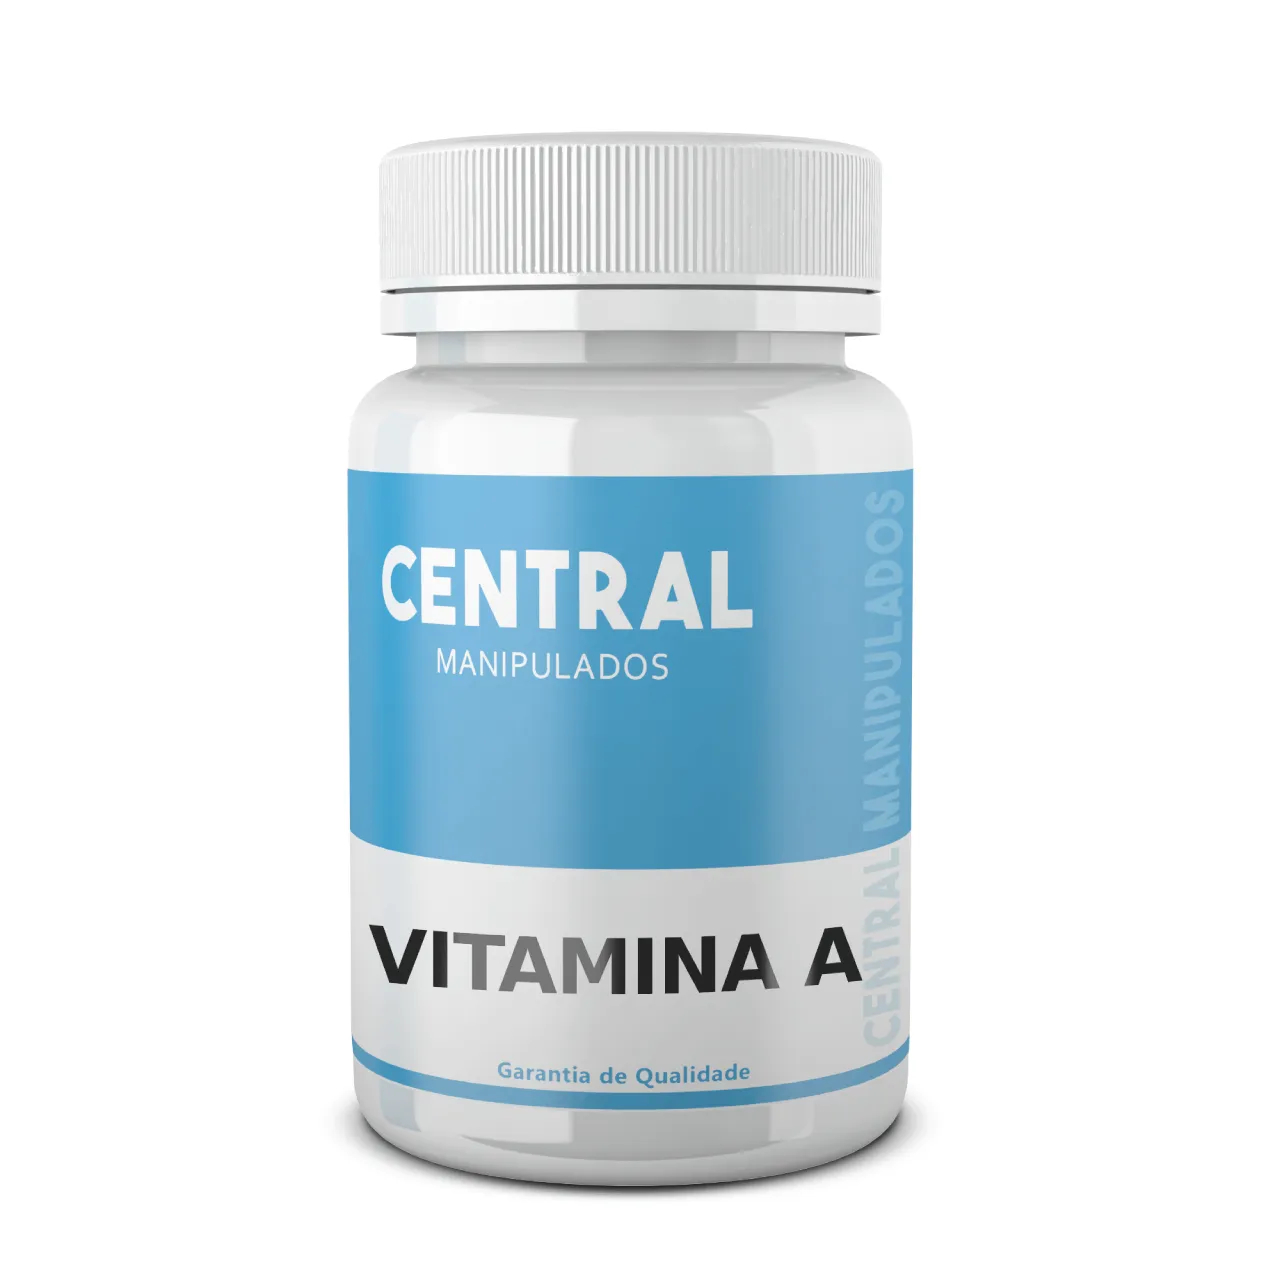 Vitamina A 5.000 UI - 90 cápsulas - Benéfica para visão, pele, dentes, ossos, glândulas, unhas e cabelos